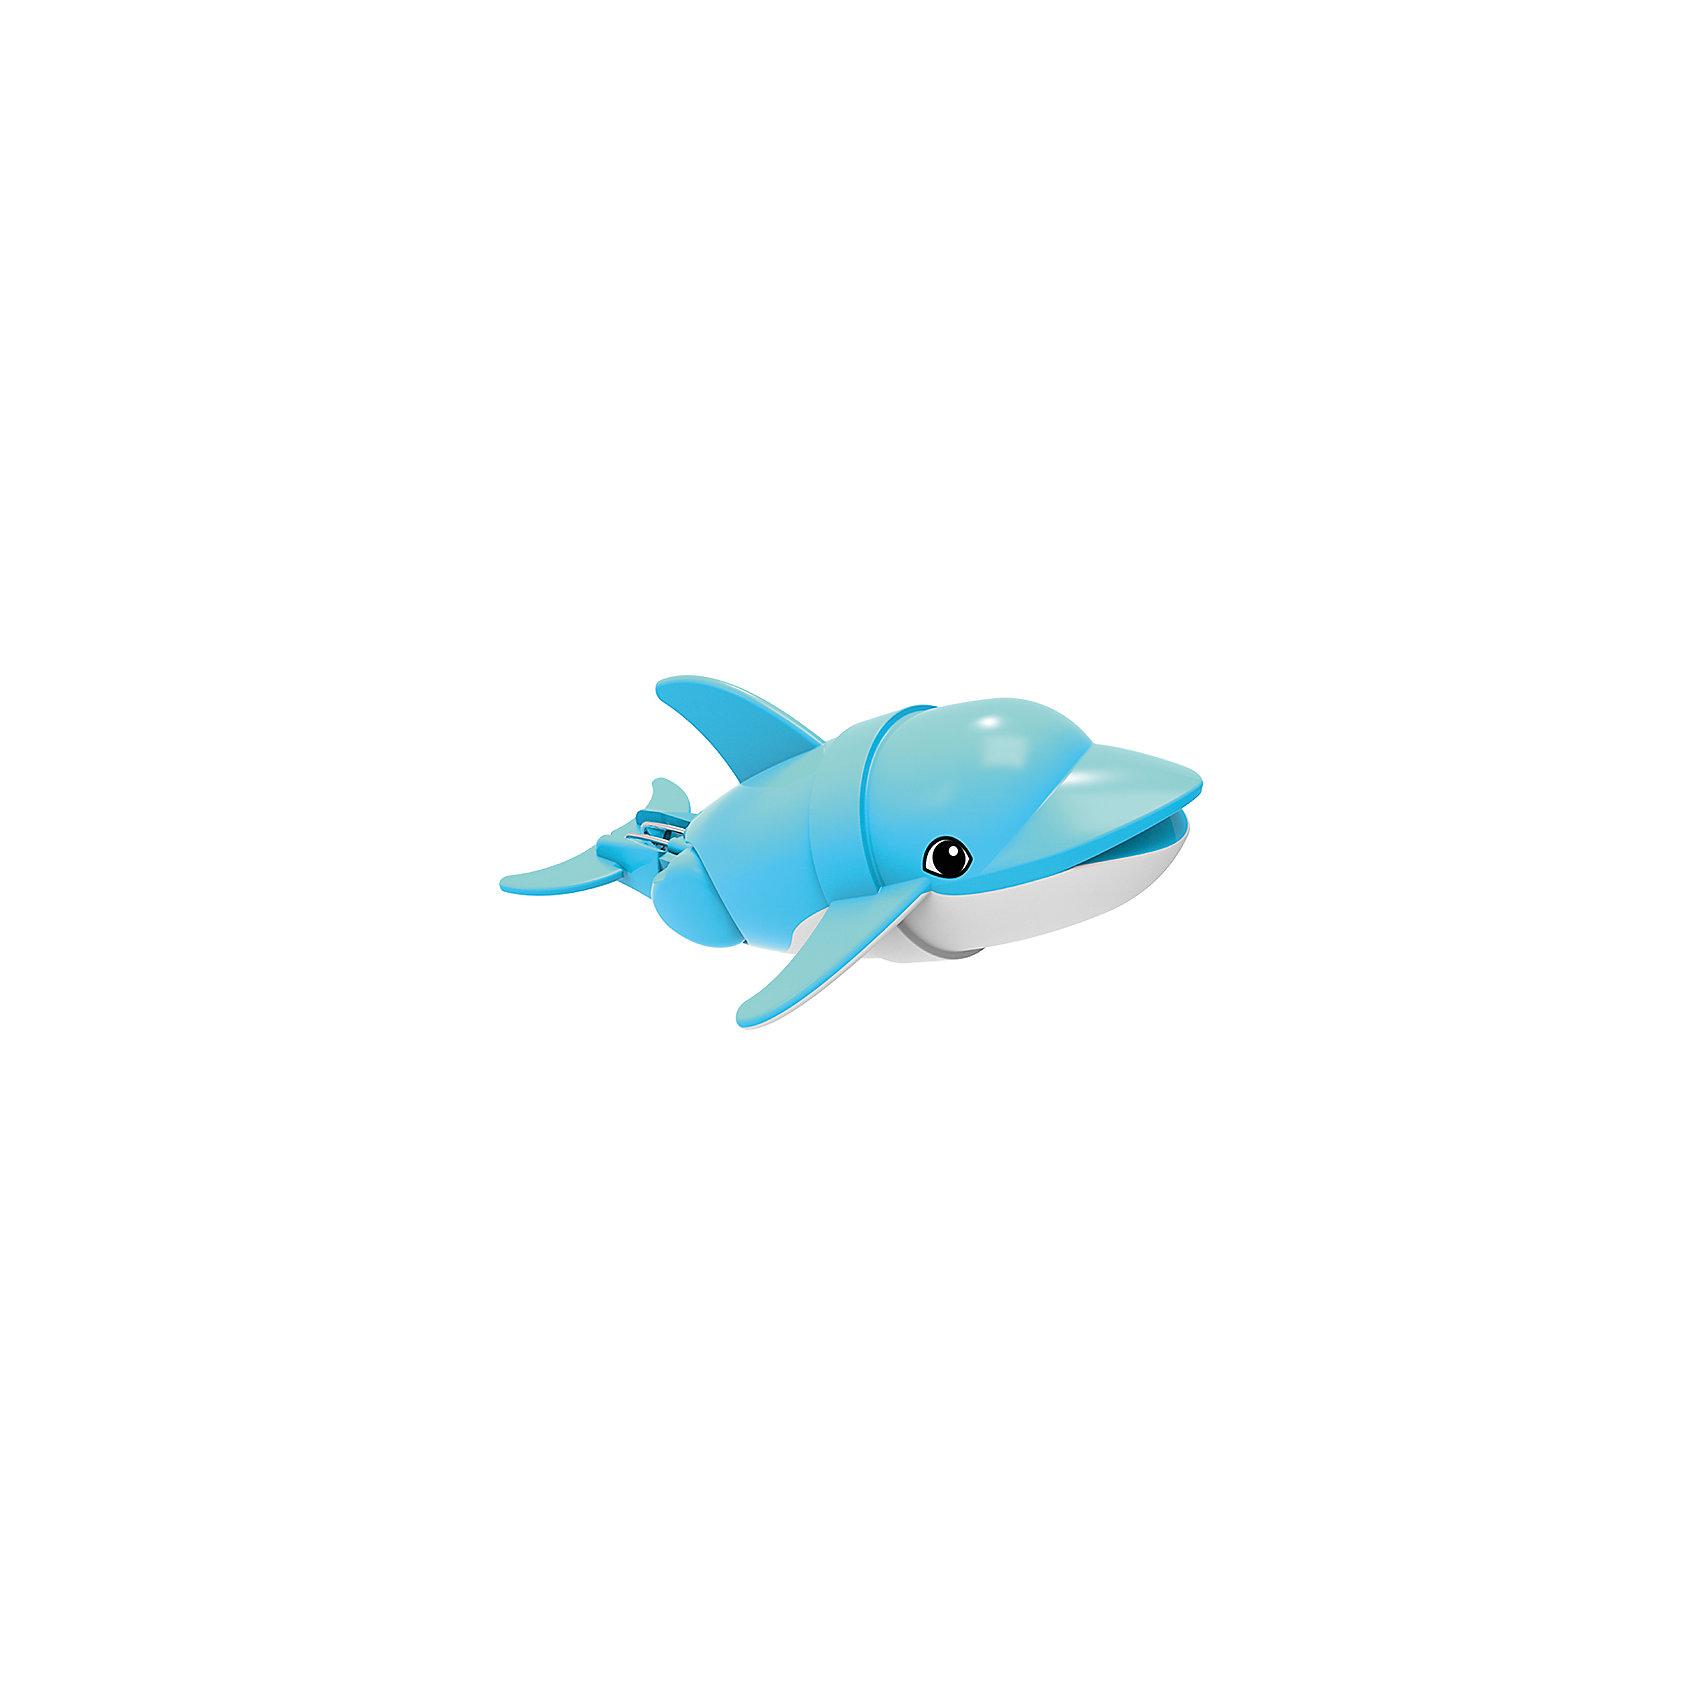 Рыбка-акробат Диппер, 12 см, Море чудесИнтерактивные животные<br>Характеристики товара:<br><br>• возраст от 3 лет<br>• материал: пластик<br>• длина рыбки 12 см<br>• тип батареек: 2 x AAA / LR0.3 1.5V (мизинчиковые)<br>• наличие батареек: не входят в комплект<br>• размер упаковки 16х14х8,5 см<br>• вес упаковки 416 г.<br>• упаковка: блистер на картоне<br>• страна производитель: Китай<br><br>Рыбка-акробат Диппер Redwood — интерактивная игрушка для ванной, которая сделает процесс купания малыша веселым и увлекательным. Рыбка умеет плавать и нырять. Двигая плавниками и хвостом в разных направлениях, она начинает плыть. На корпусе имеется небольшое отверстие, в которое можно продеть веревочку и брать рыбку с собой на водоем. <br><br>Рыбку-акробат Диппер Redwood можно приобрести в нашем интернет-магазине.<br><br>Ширина мм: 160<br>Глубина мм: 140<br>Высота мм: 85<br>Вес г: 416<br>Возраст от месяцев: 36<br>Возраст до месяцев: 2147483647<br>Пол: Унисекс<br>Возраст: Детский<br>SKU: 5544173